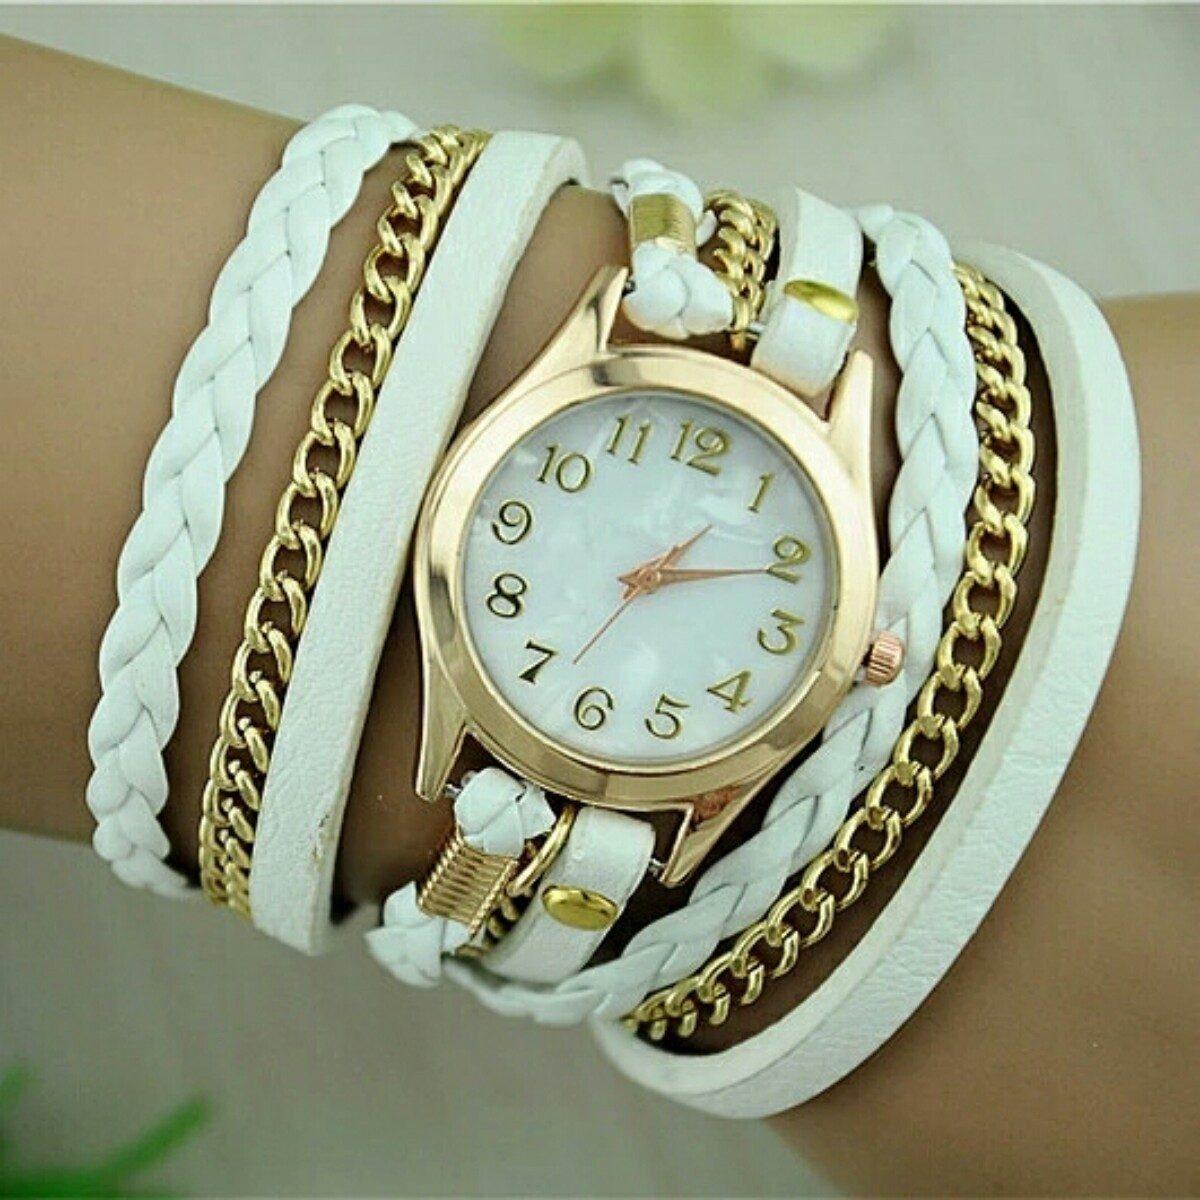 relogio feminino dourado de couro branco bracelete strass. Black Bedroom Furniture Sets. Home Design Ideas